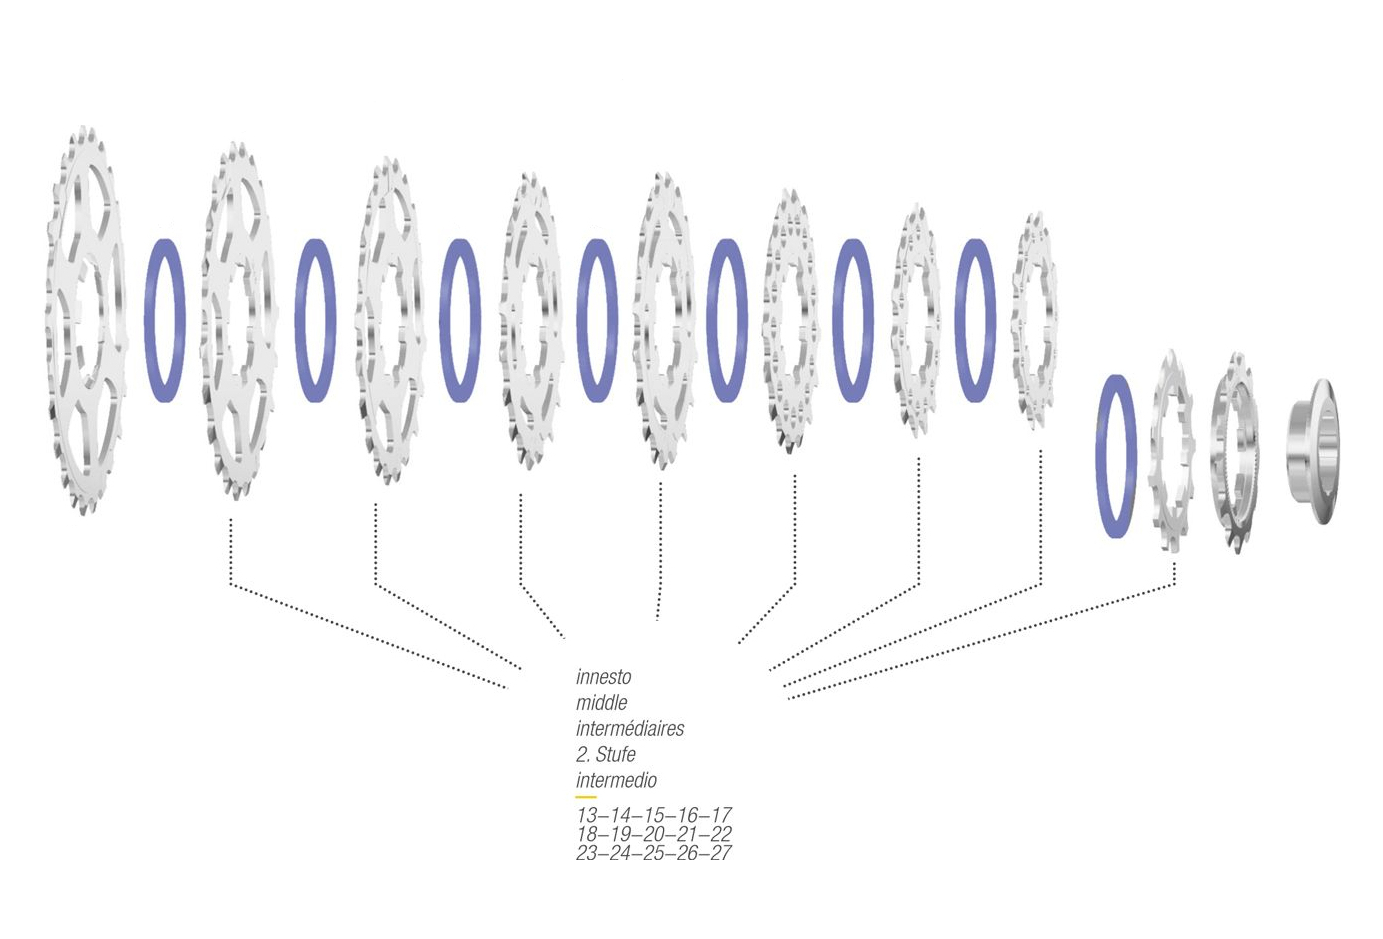 9 Vitesses 16 D/épart Miche Argent/é Pignon Adaptable Shimano 8